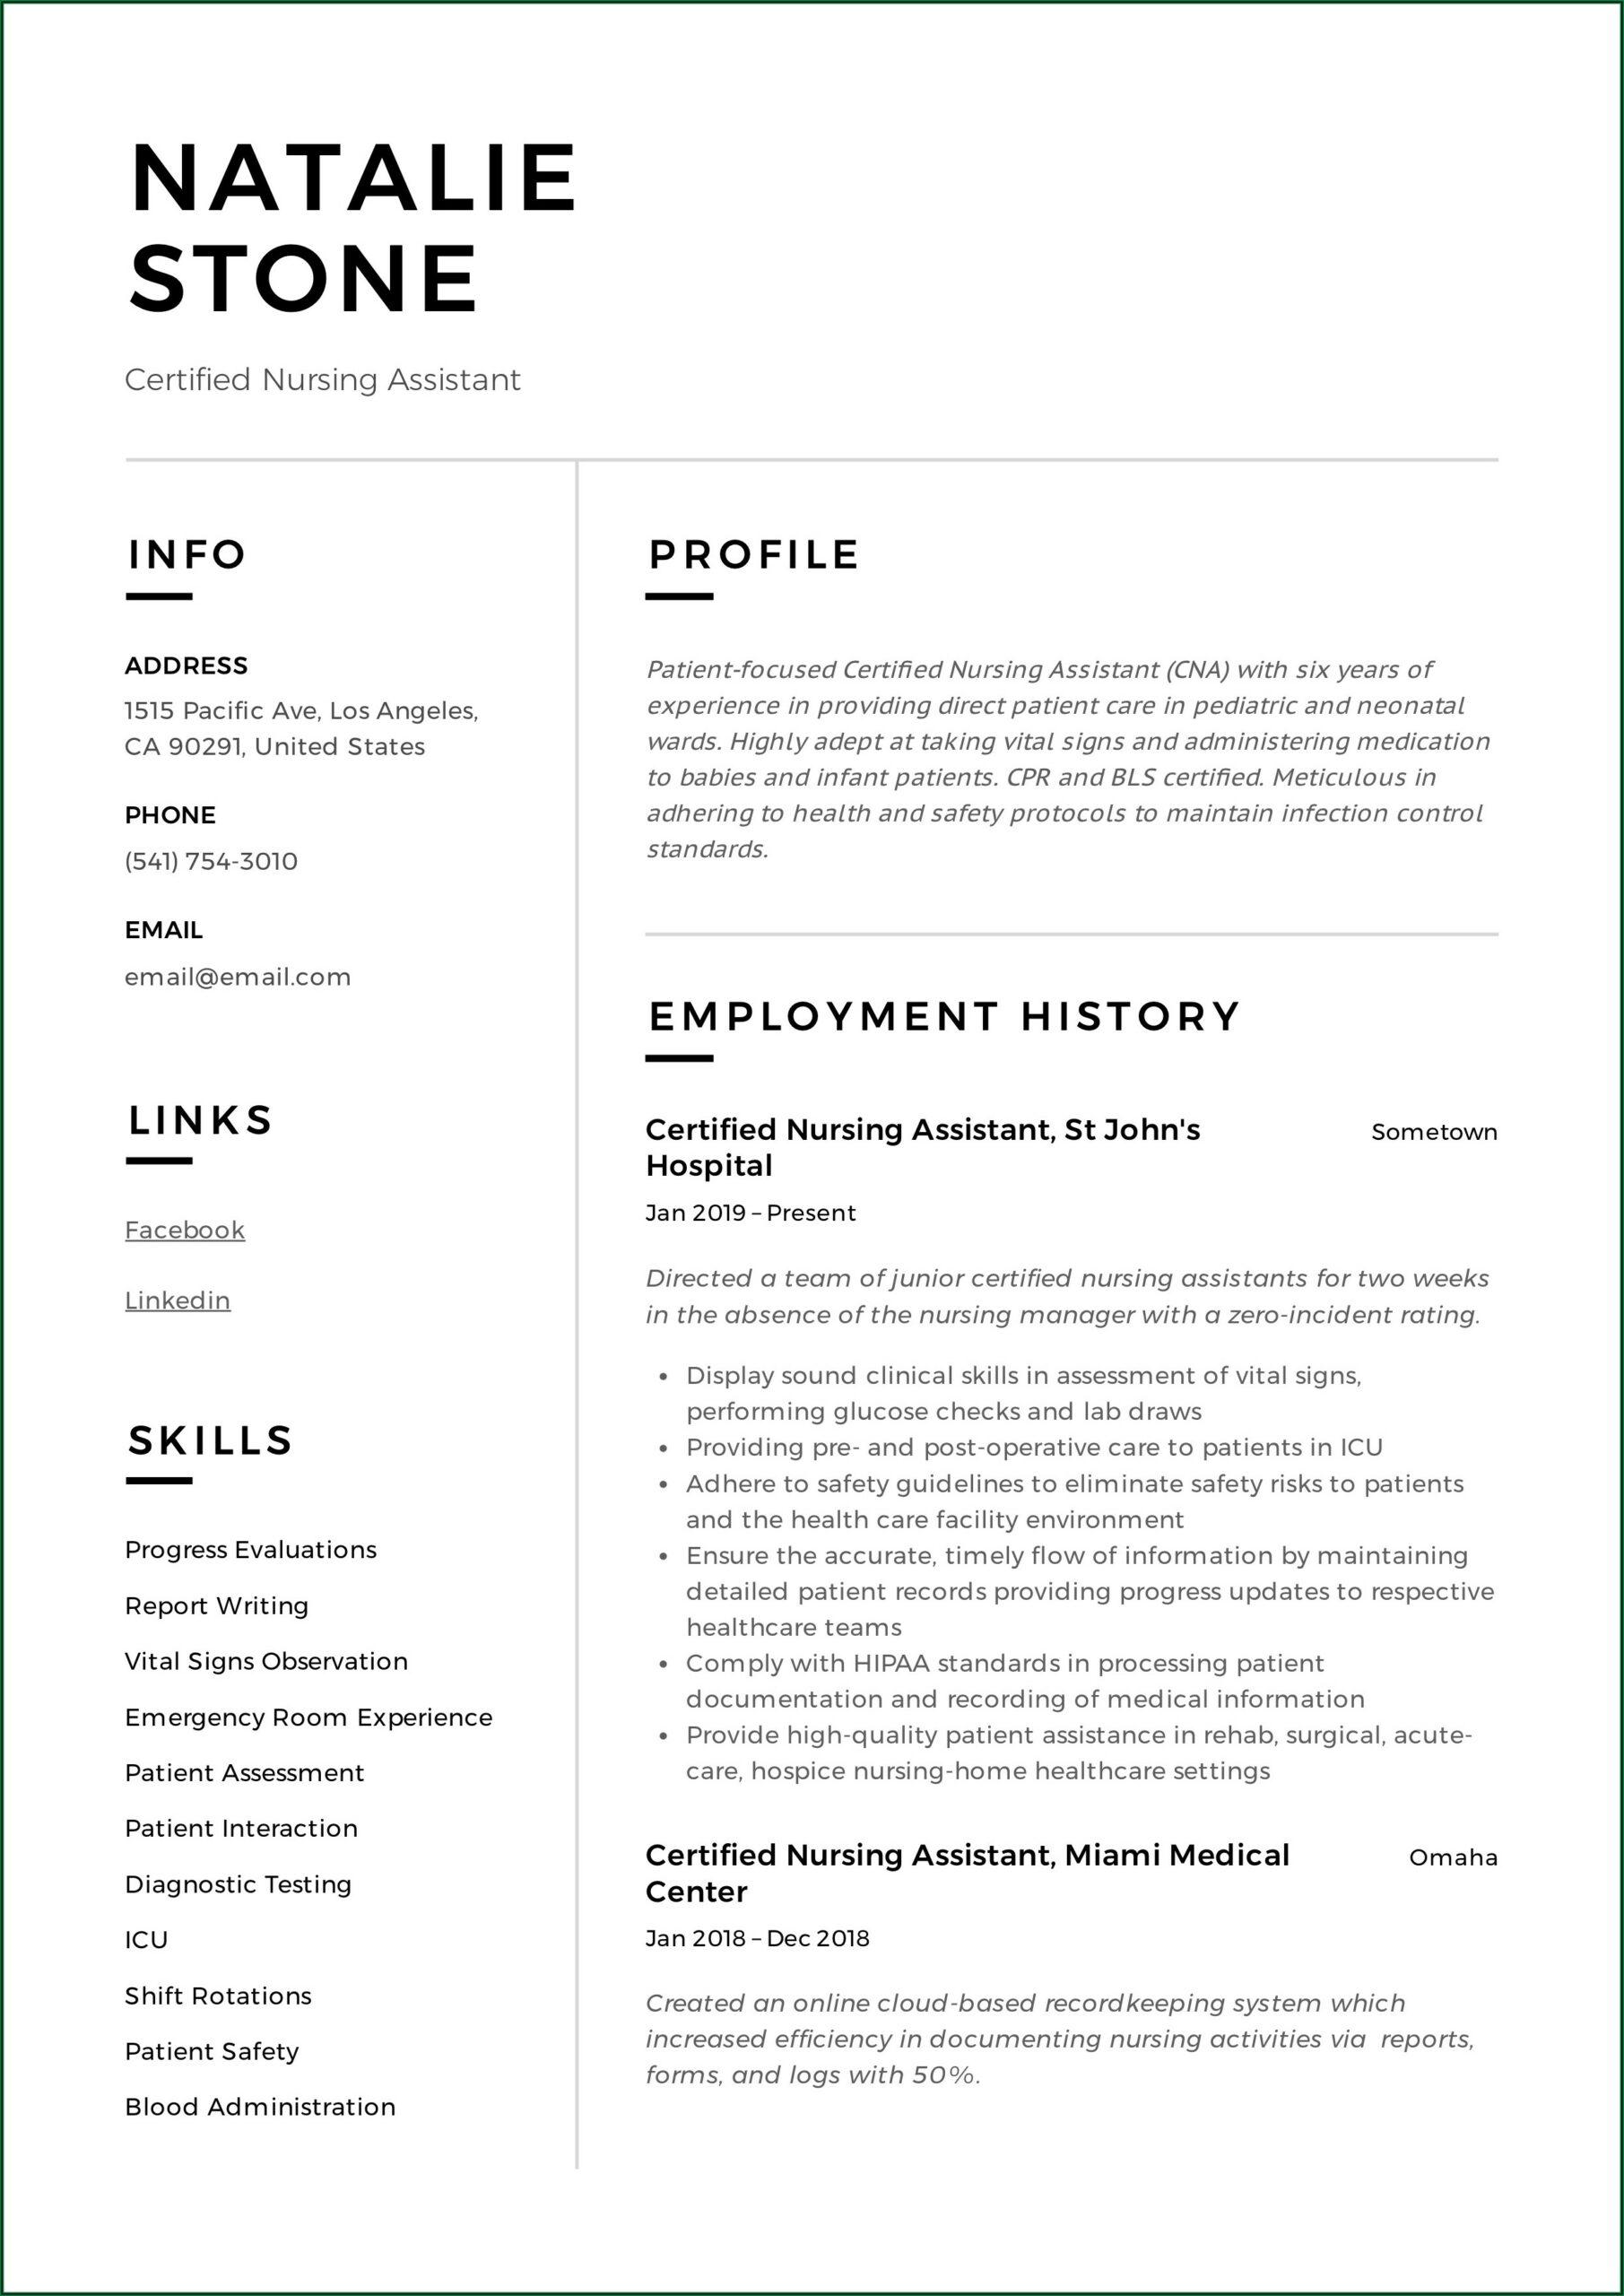 Resume For Nursing Assistant Job